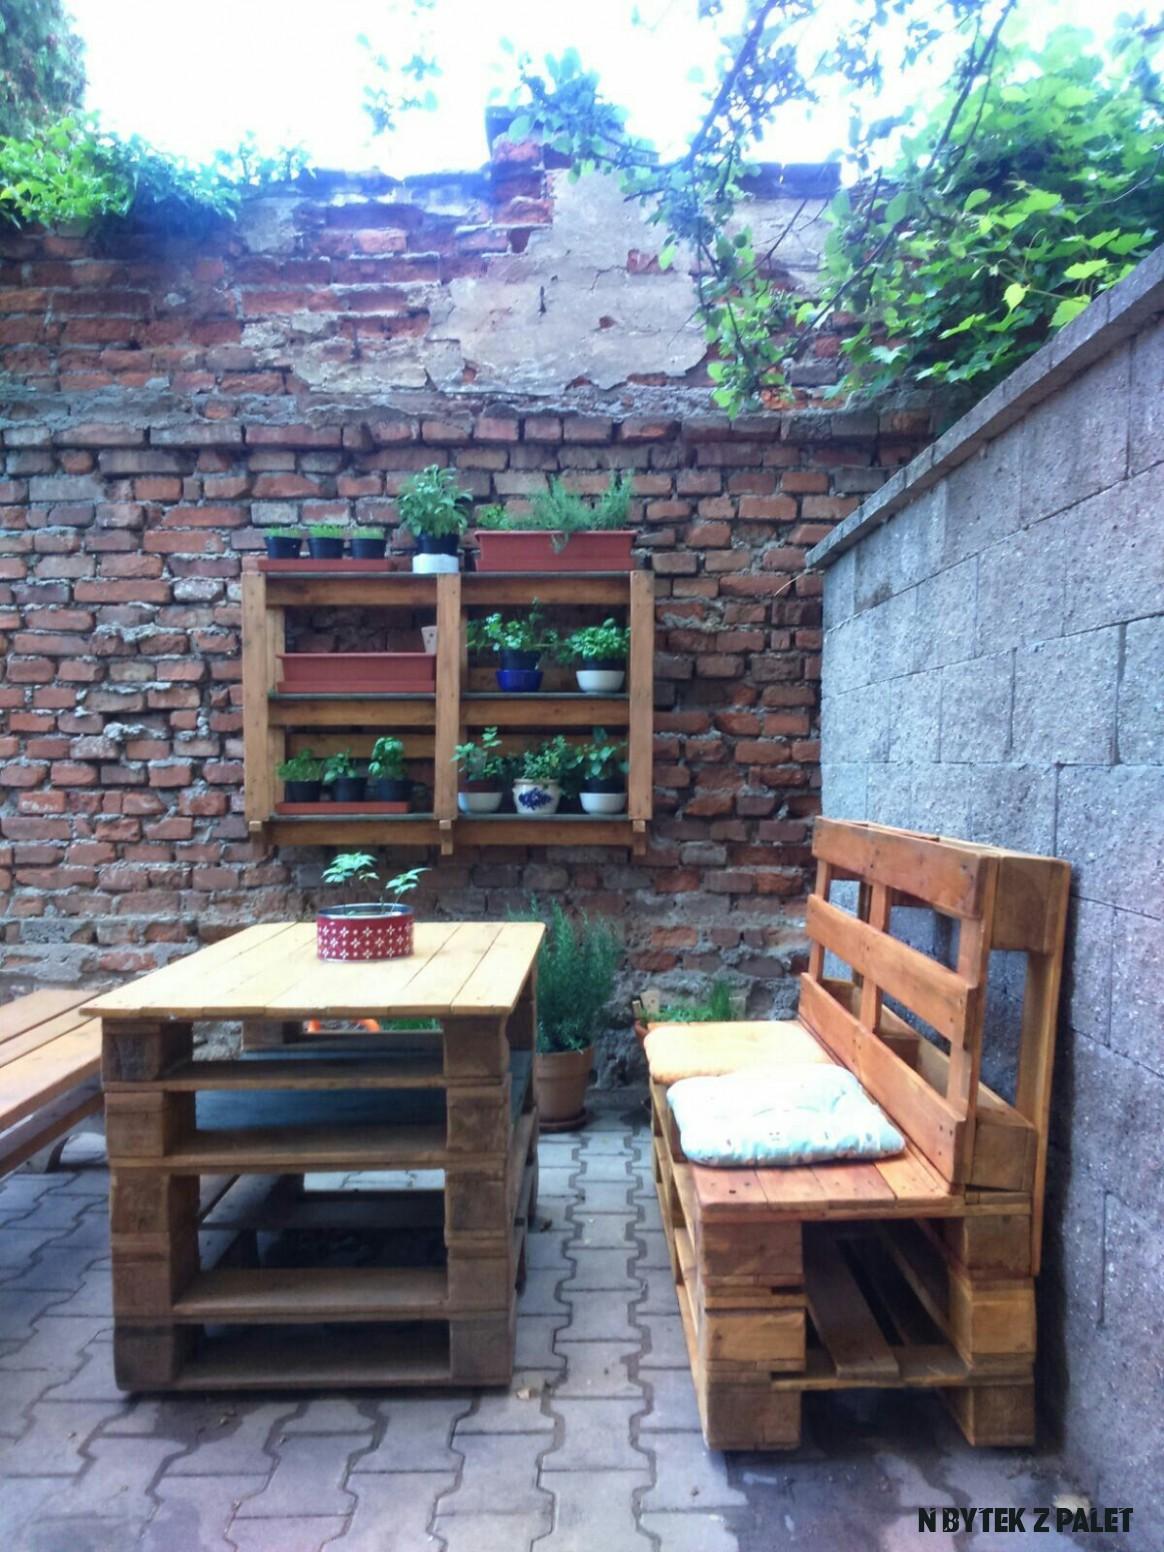 Nábytek z palet  Cottage inspiration, Home decor, Outdoor decor